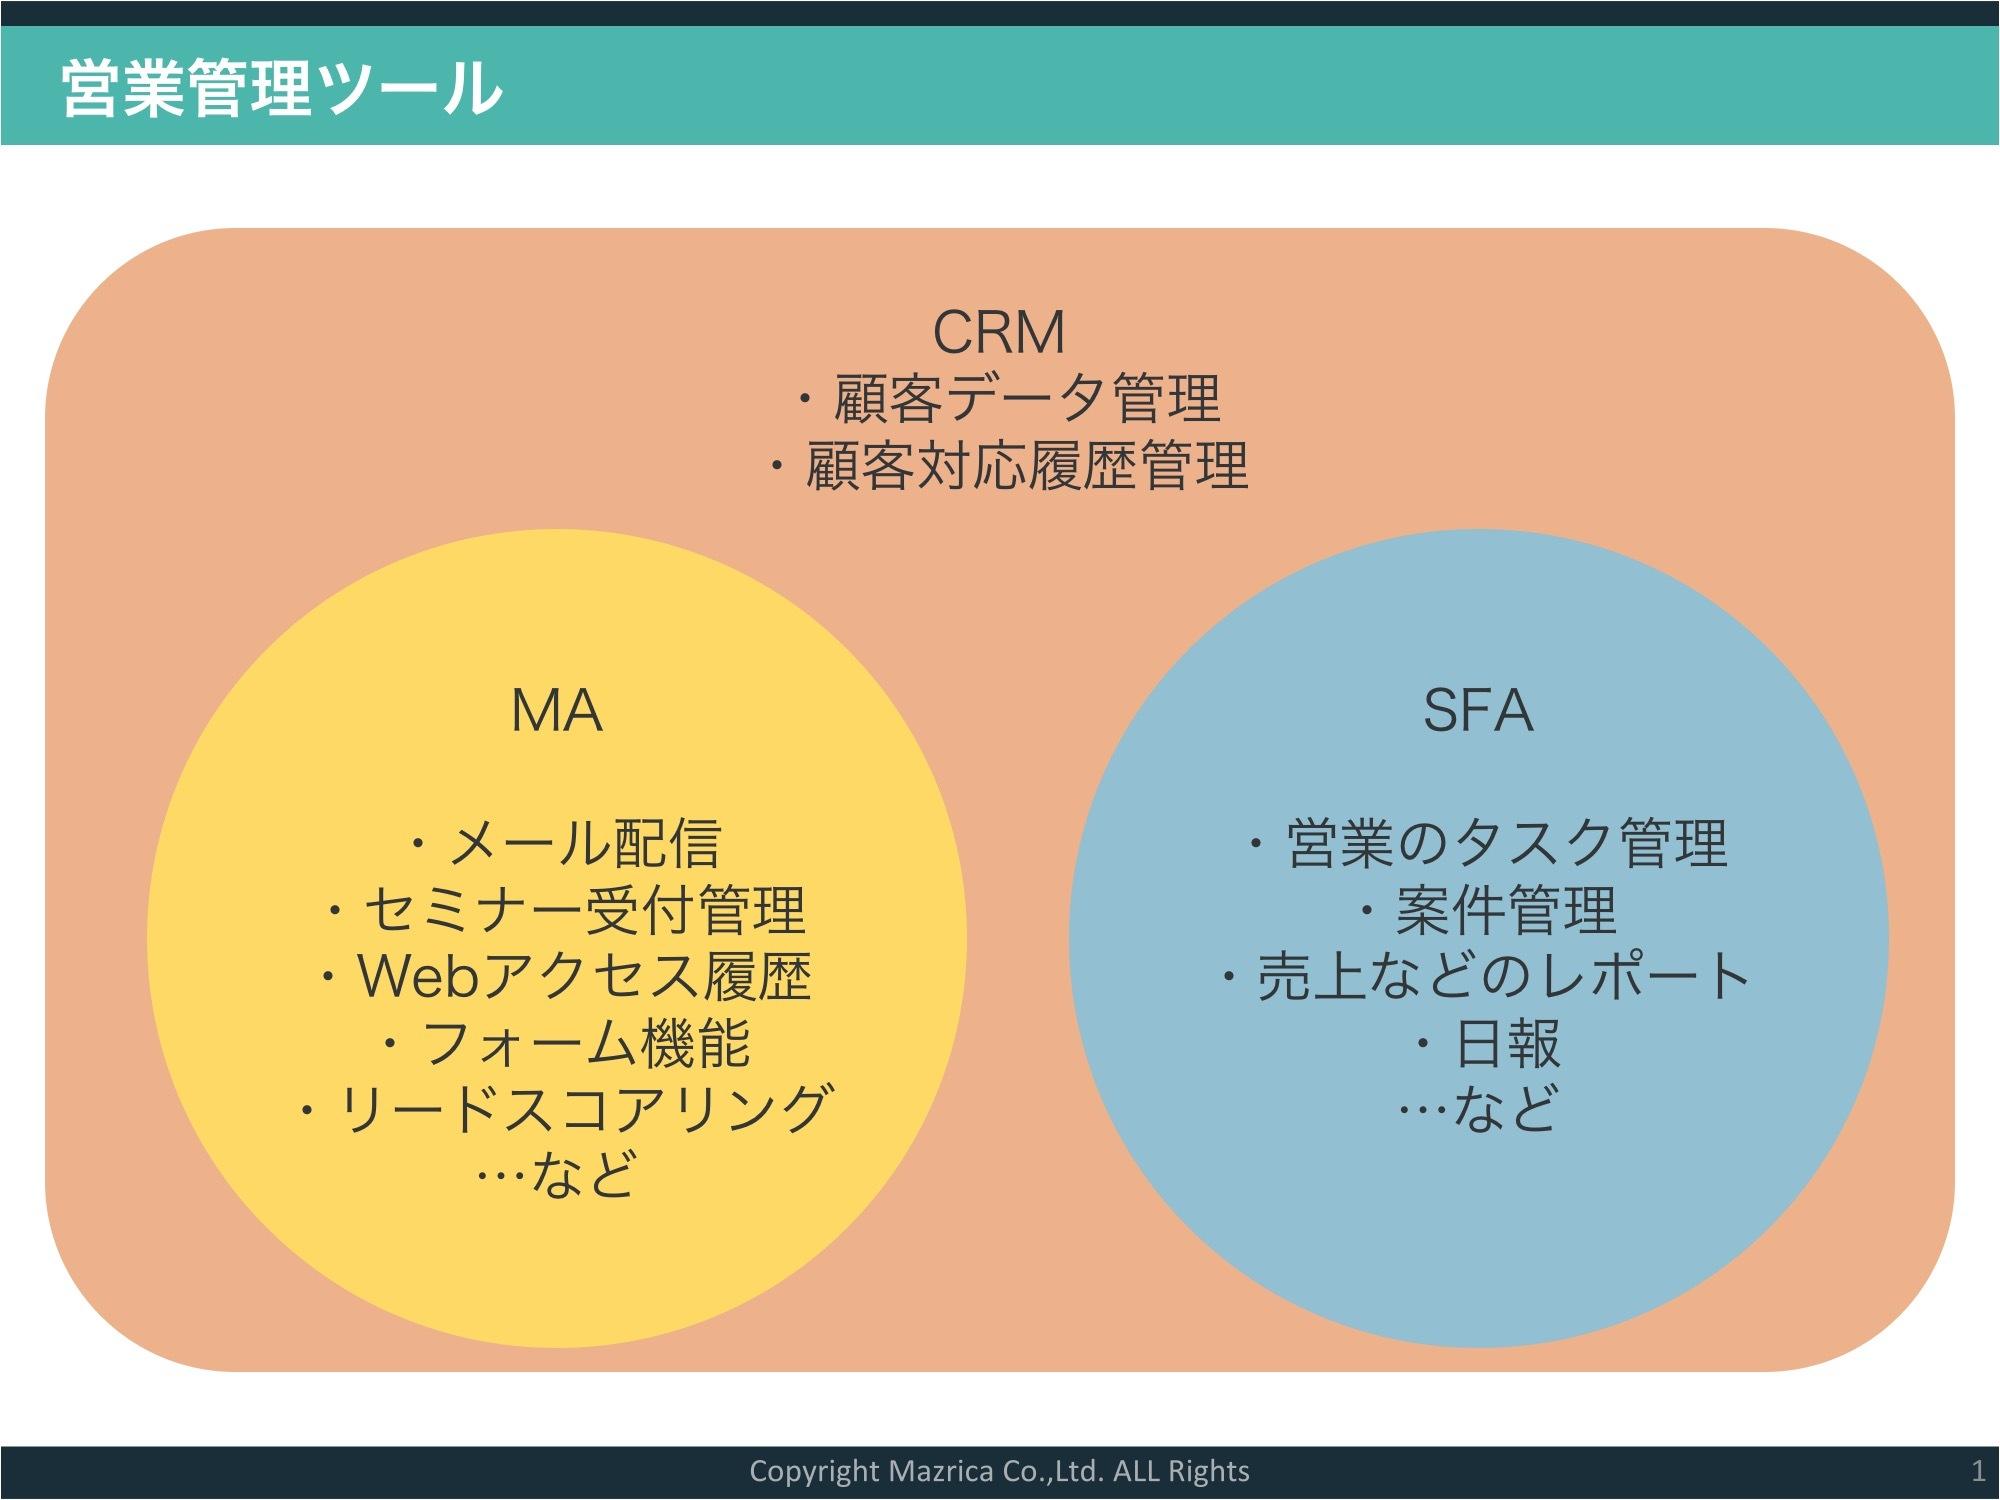 営業管理ツール - CRM